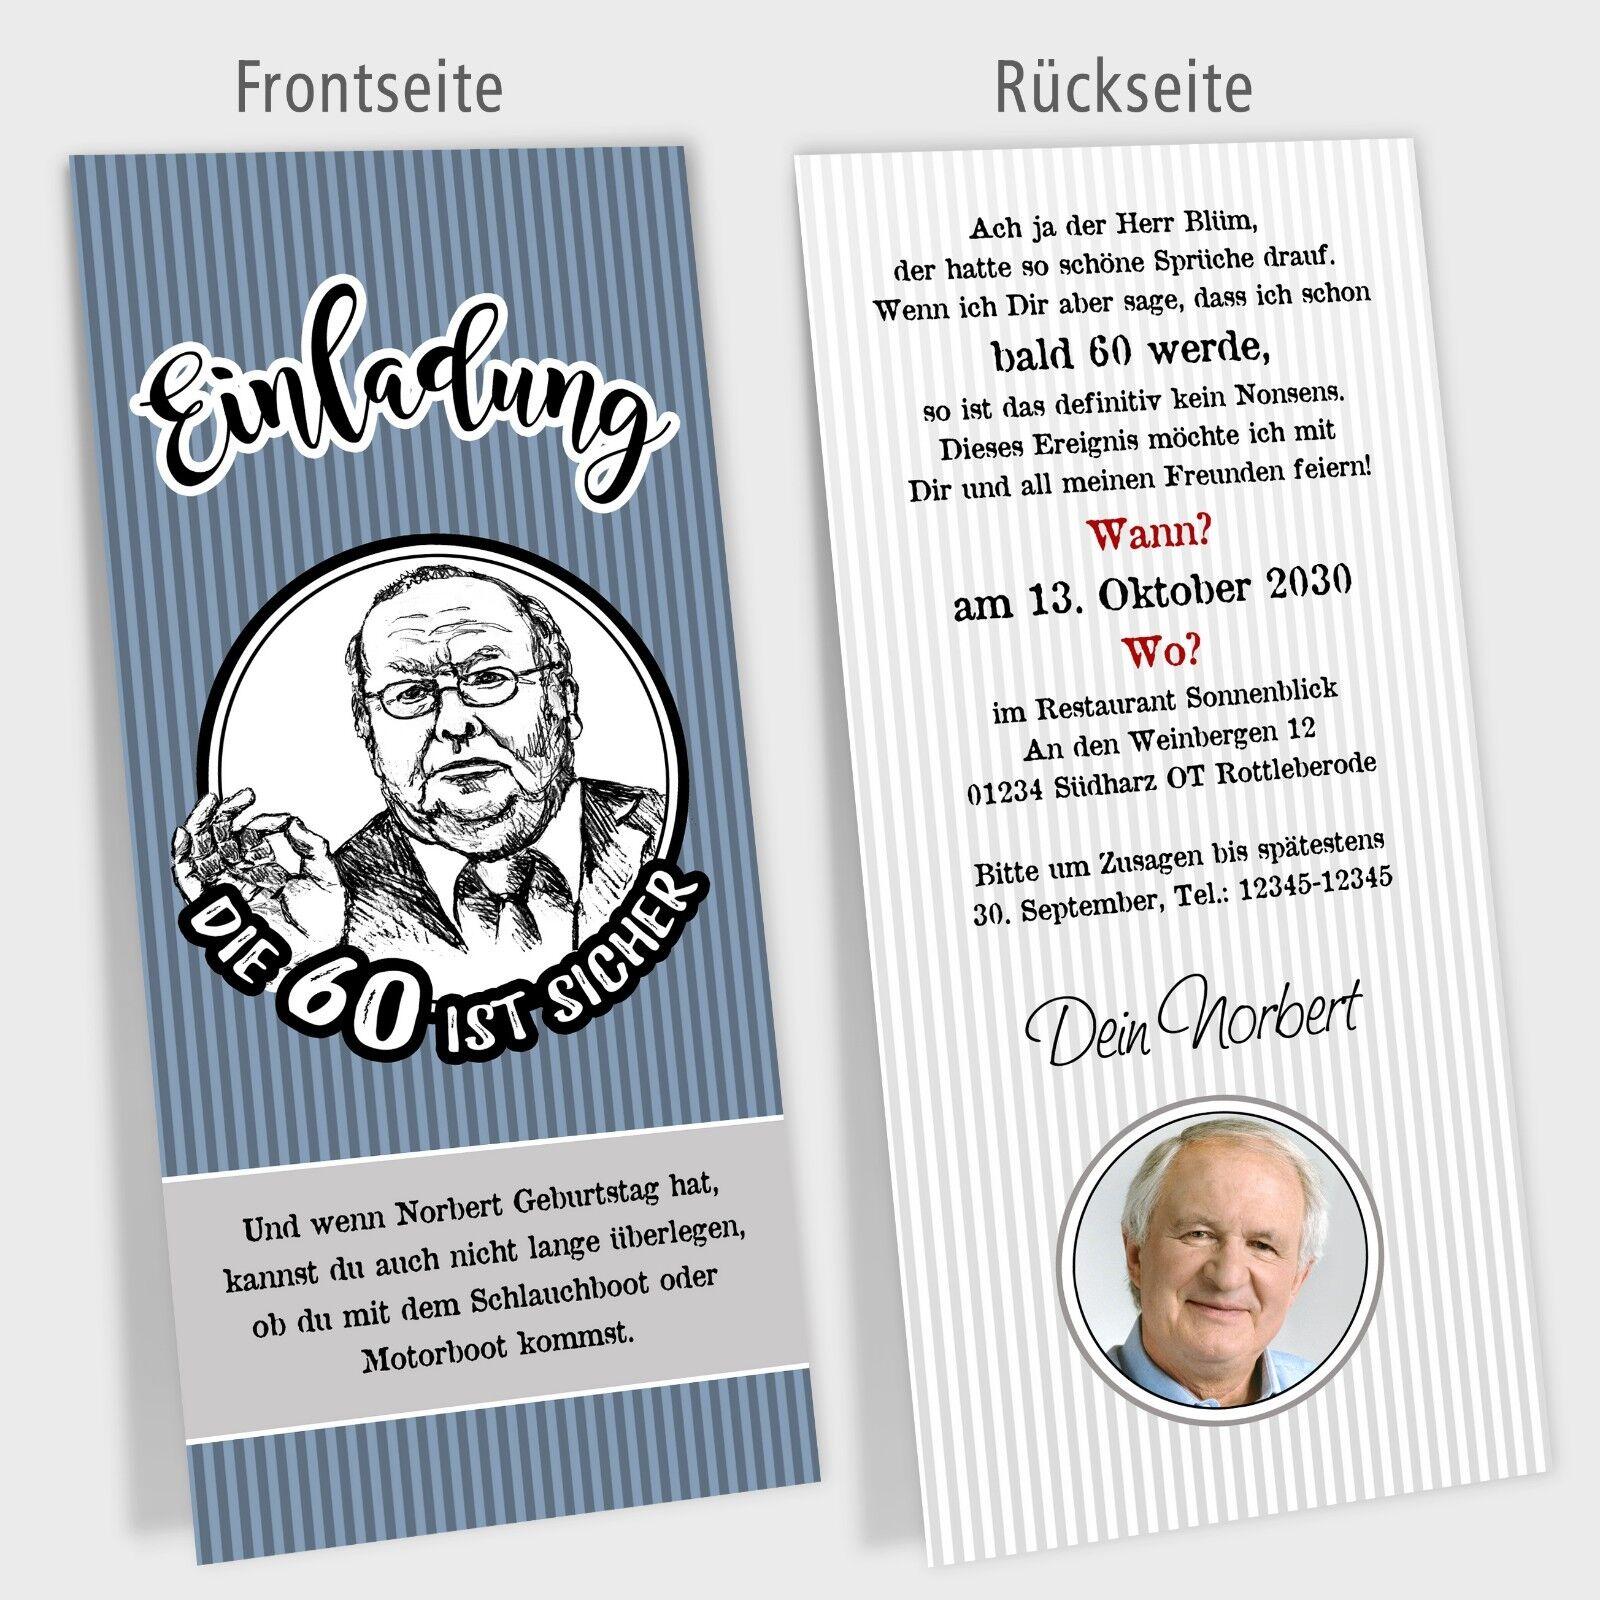 Einladungskarte Geburtstag, Politiker Cartoons, Modell Norbert  – personalisiert   | Schnelle Lieferung  | Gewinnen Sie hoch geschätzt